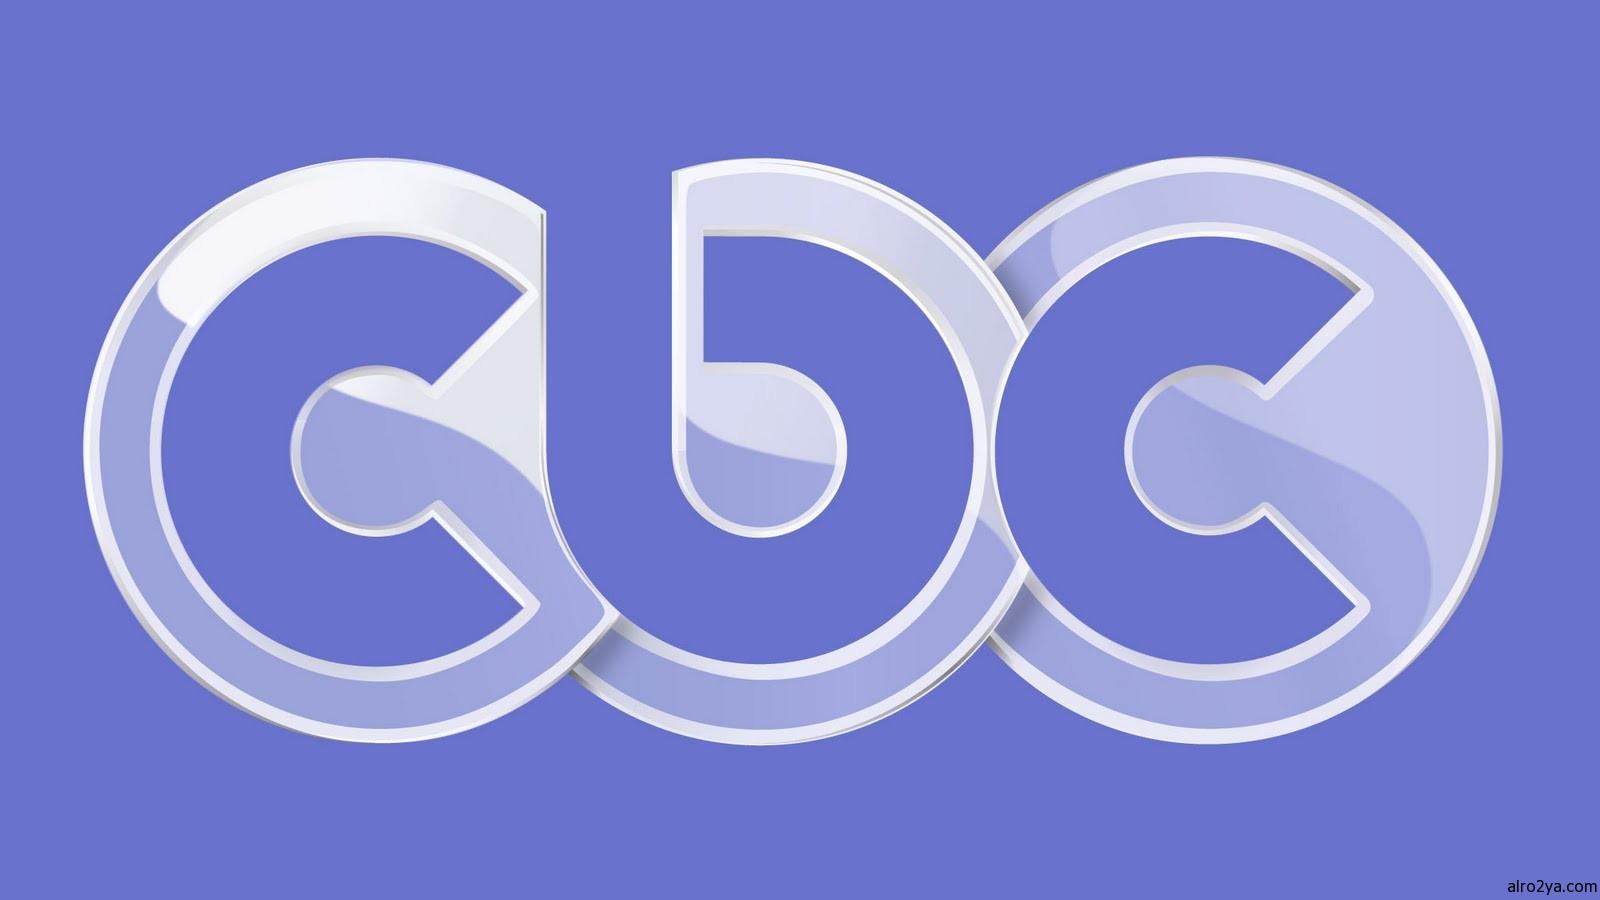 صورة تردد cbc سفرة , لكل ست بيت شطرة